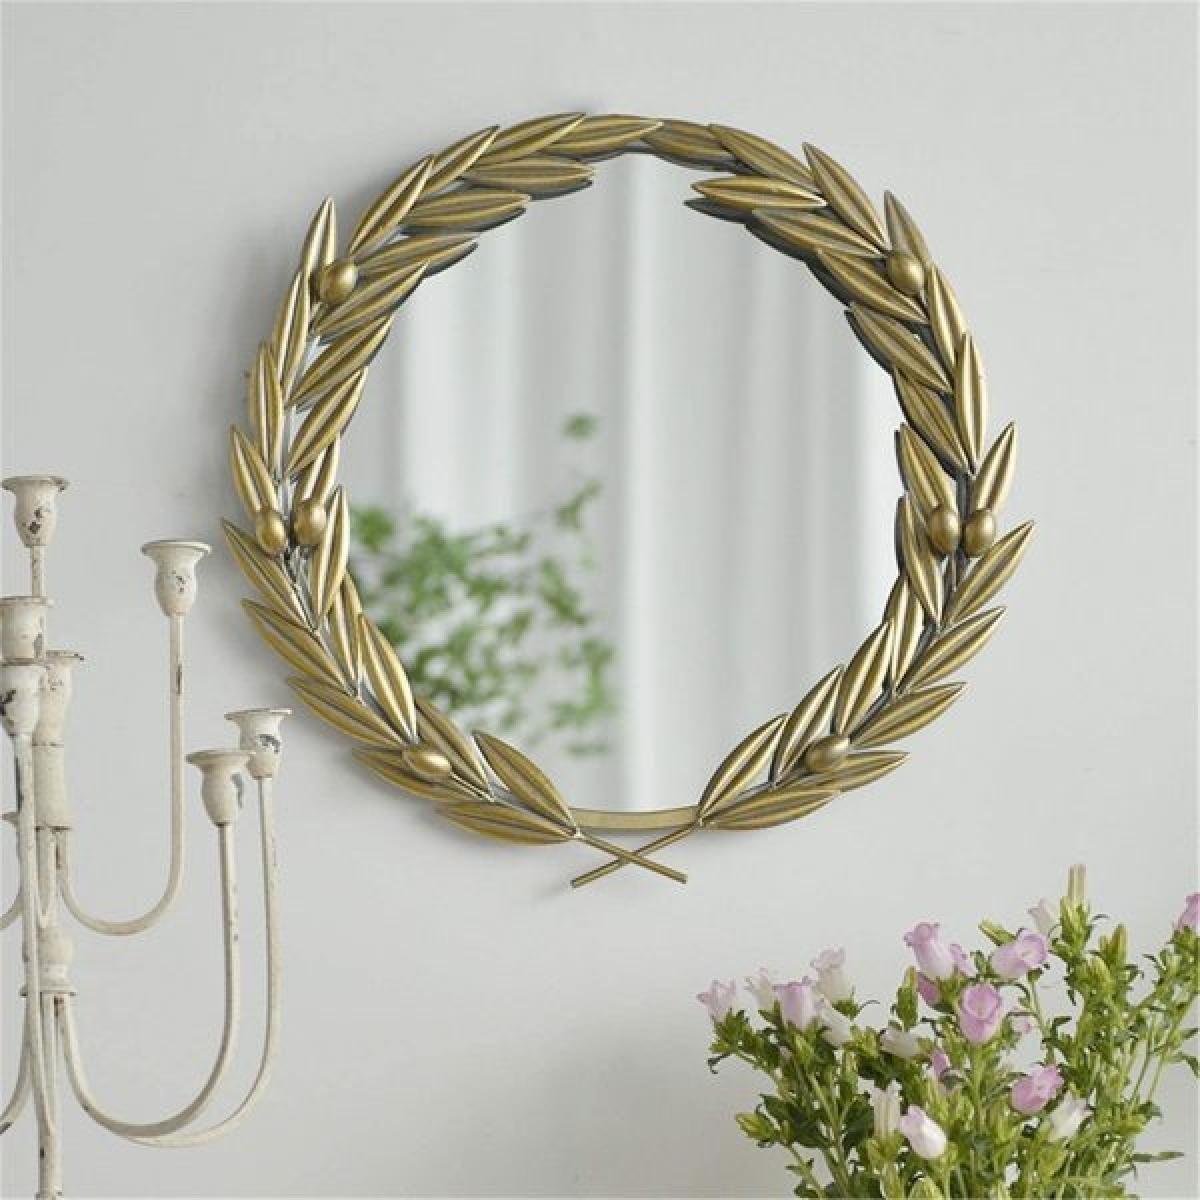 Vòng nguyệt quế lá ô liu bao quanh gương với ý nghĩa mang lại may mắn cho chủ nhà.